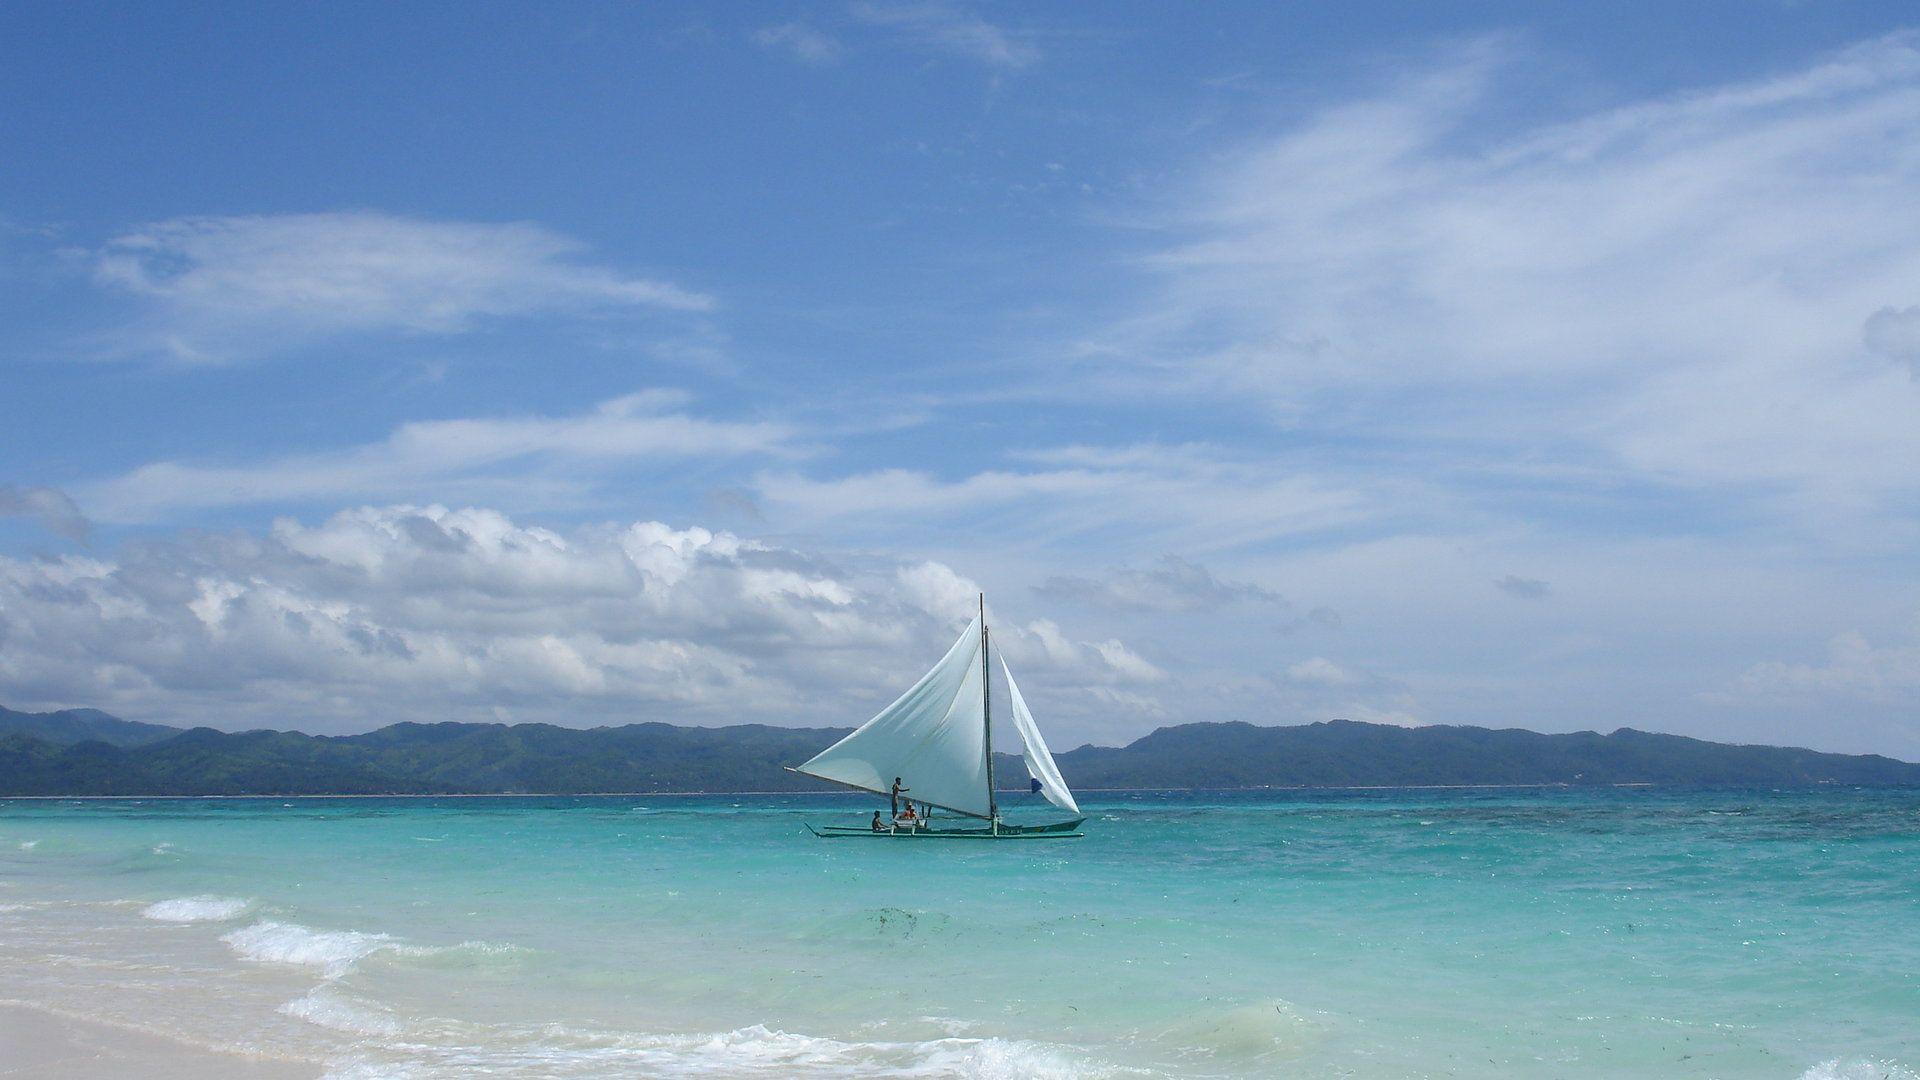 Boracay Free desktop backgrounds with beach, boracay